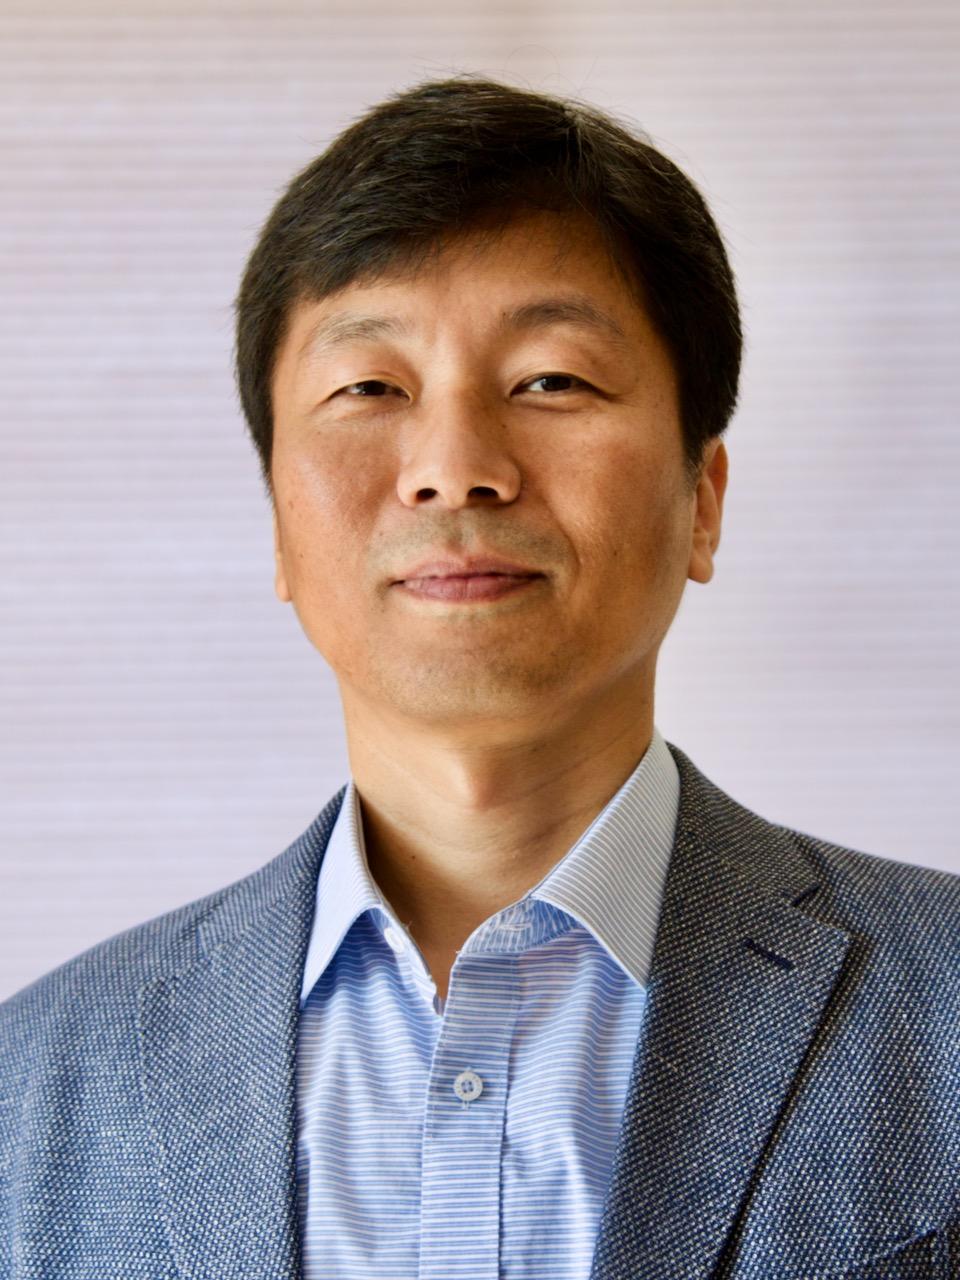 윤협상 교수 professor